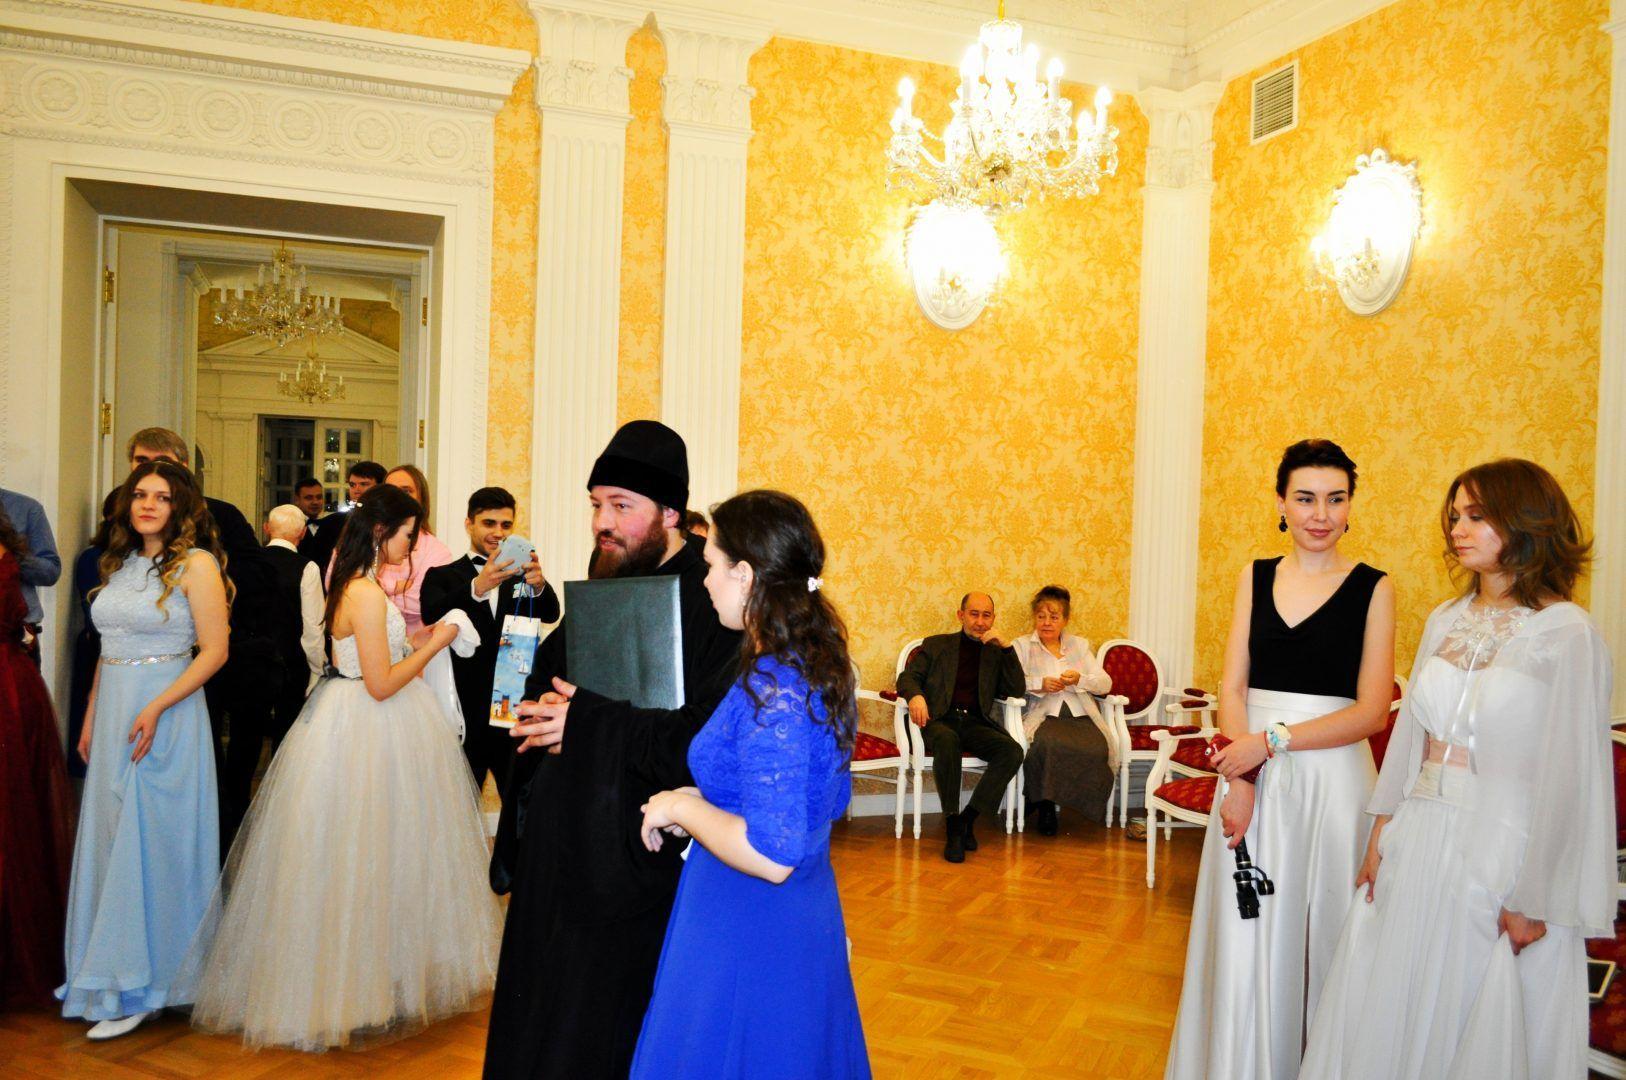 В перерыве между танцами. Фото: Никита Нестеров